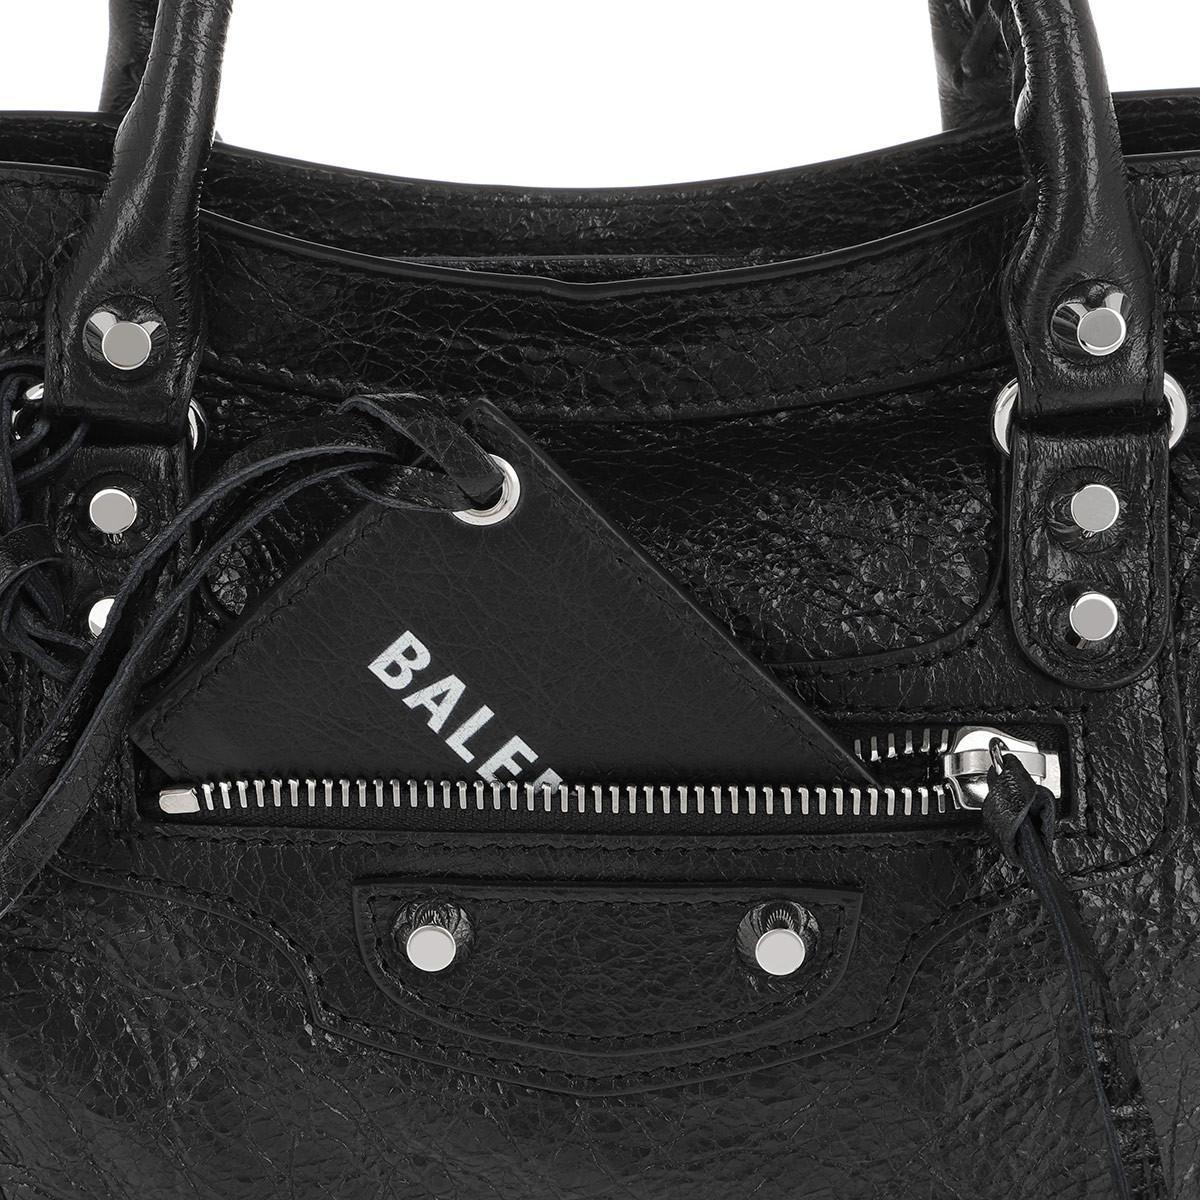 Balenciaga City Classic S Tote Leather Black/white